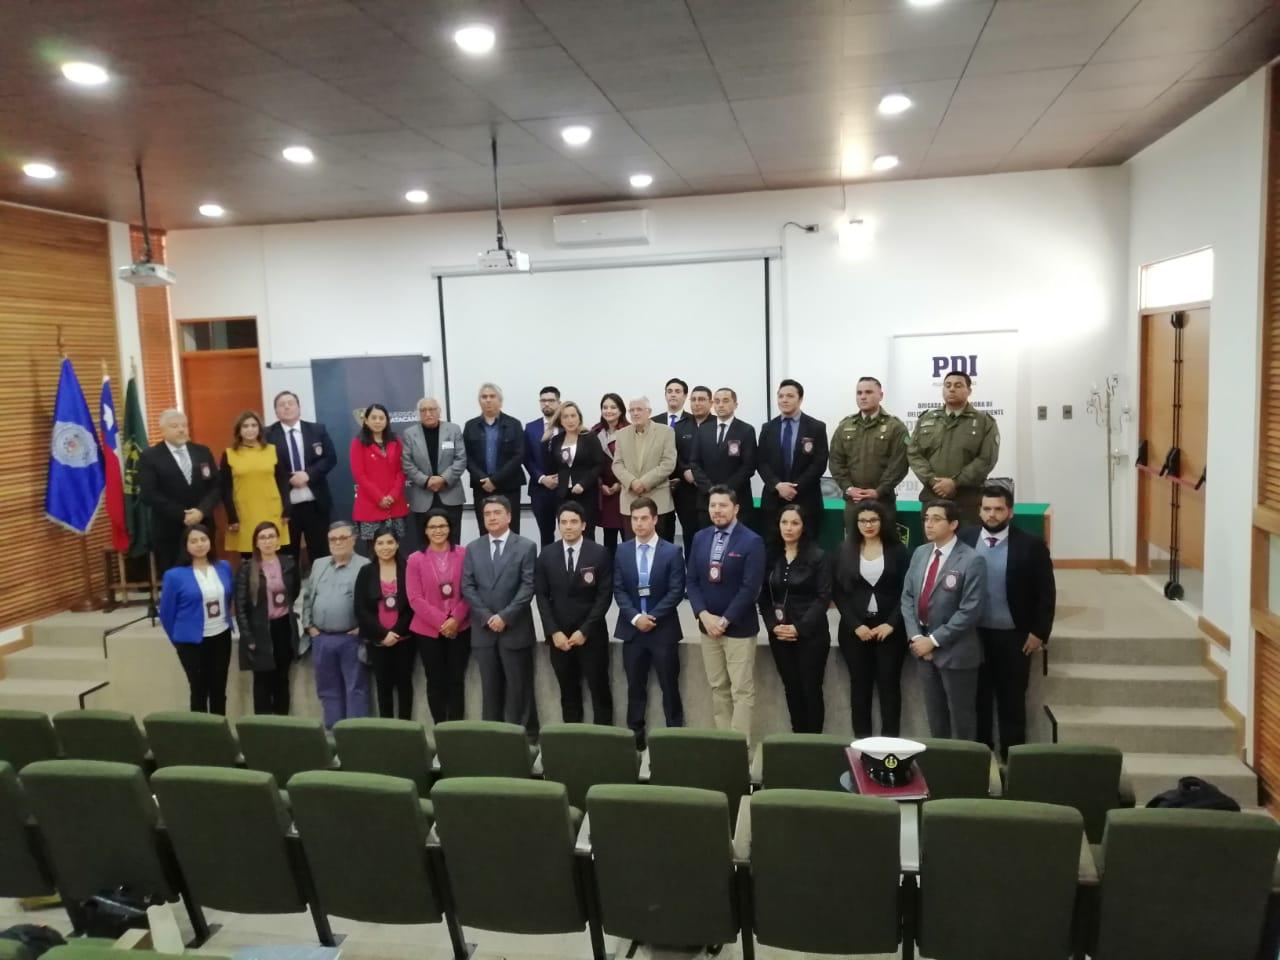 Concurrido seminario sobre el cuidado del patrimonio realizado por el IICSE -UDA y BIDEMA Copiapó